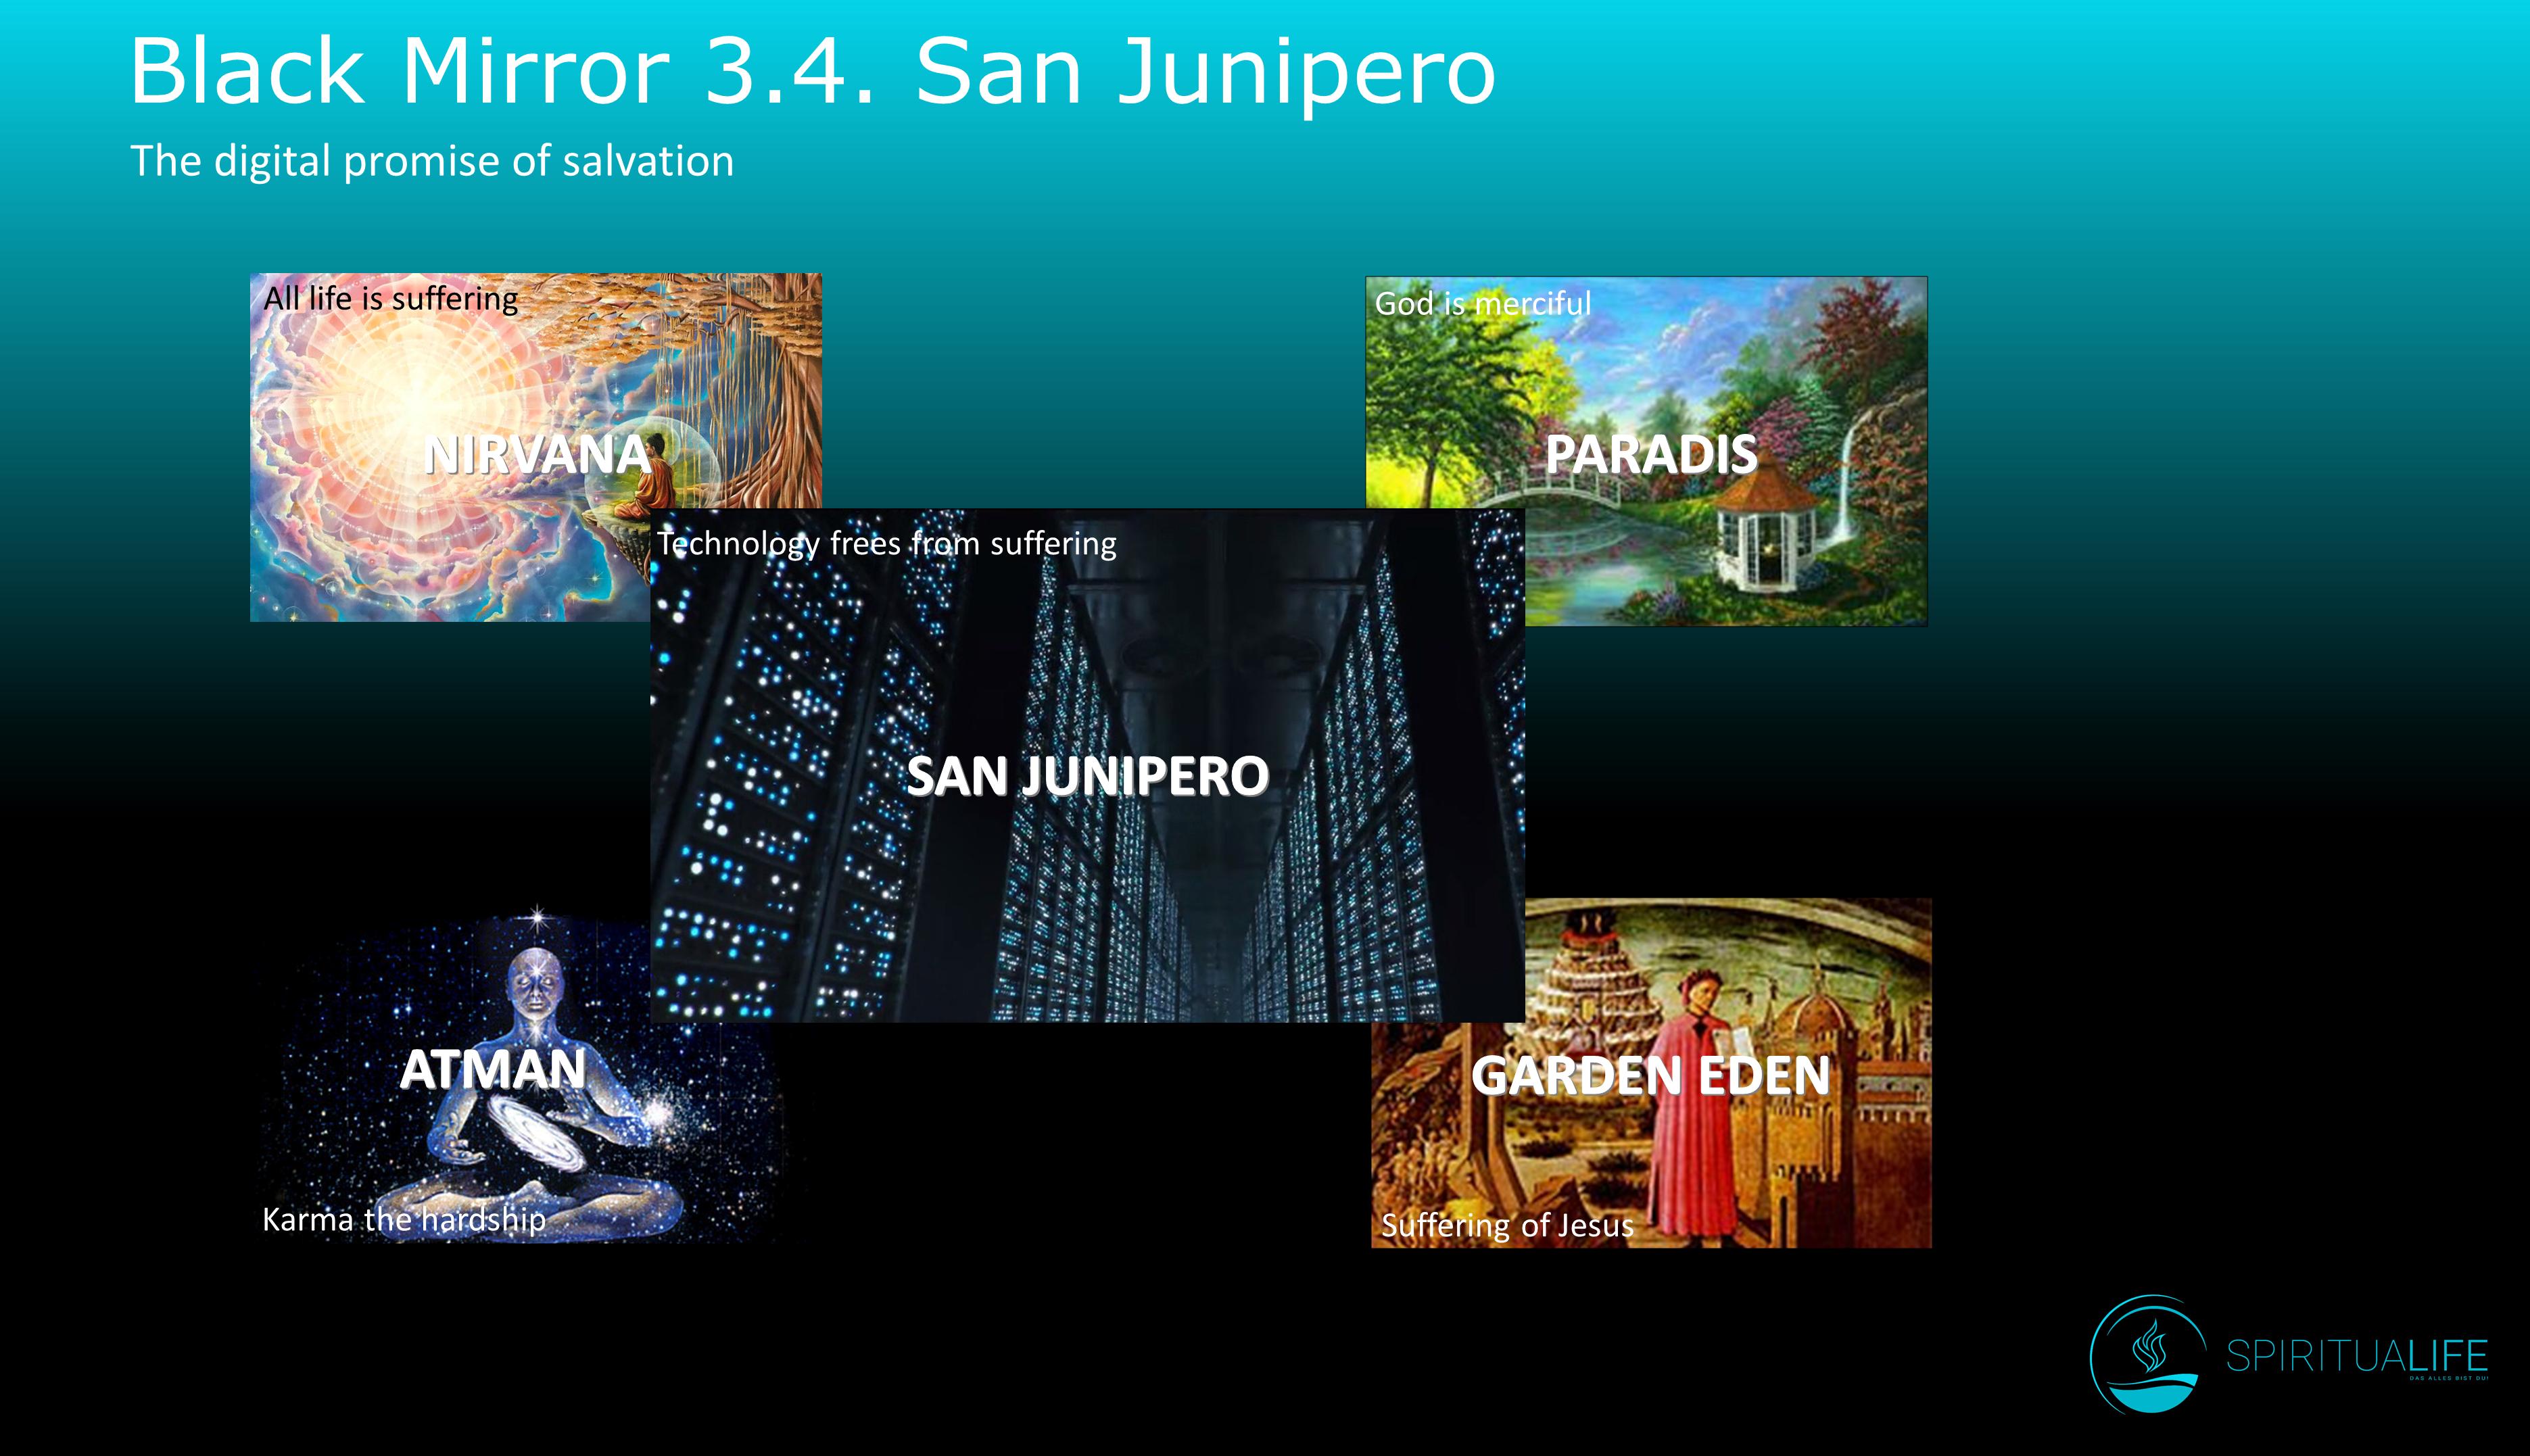 Black Mirror 3.4. San Junipero_EN